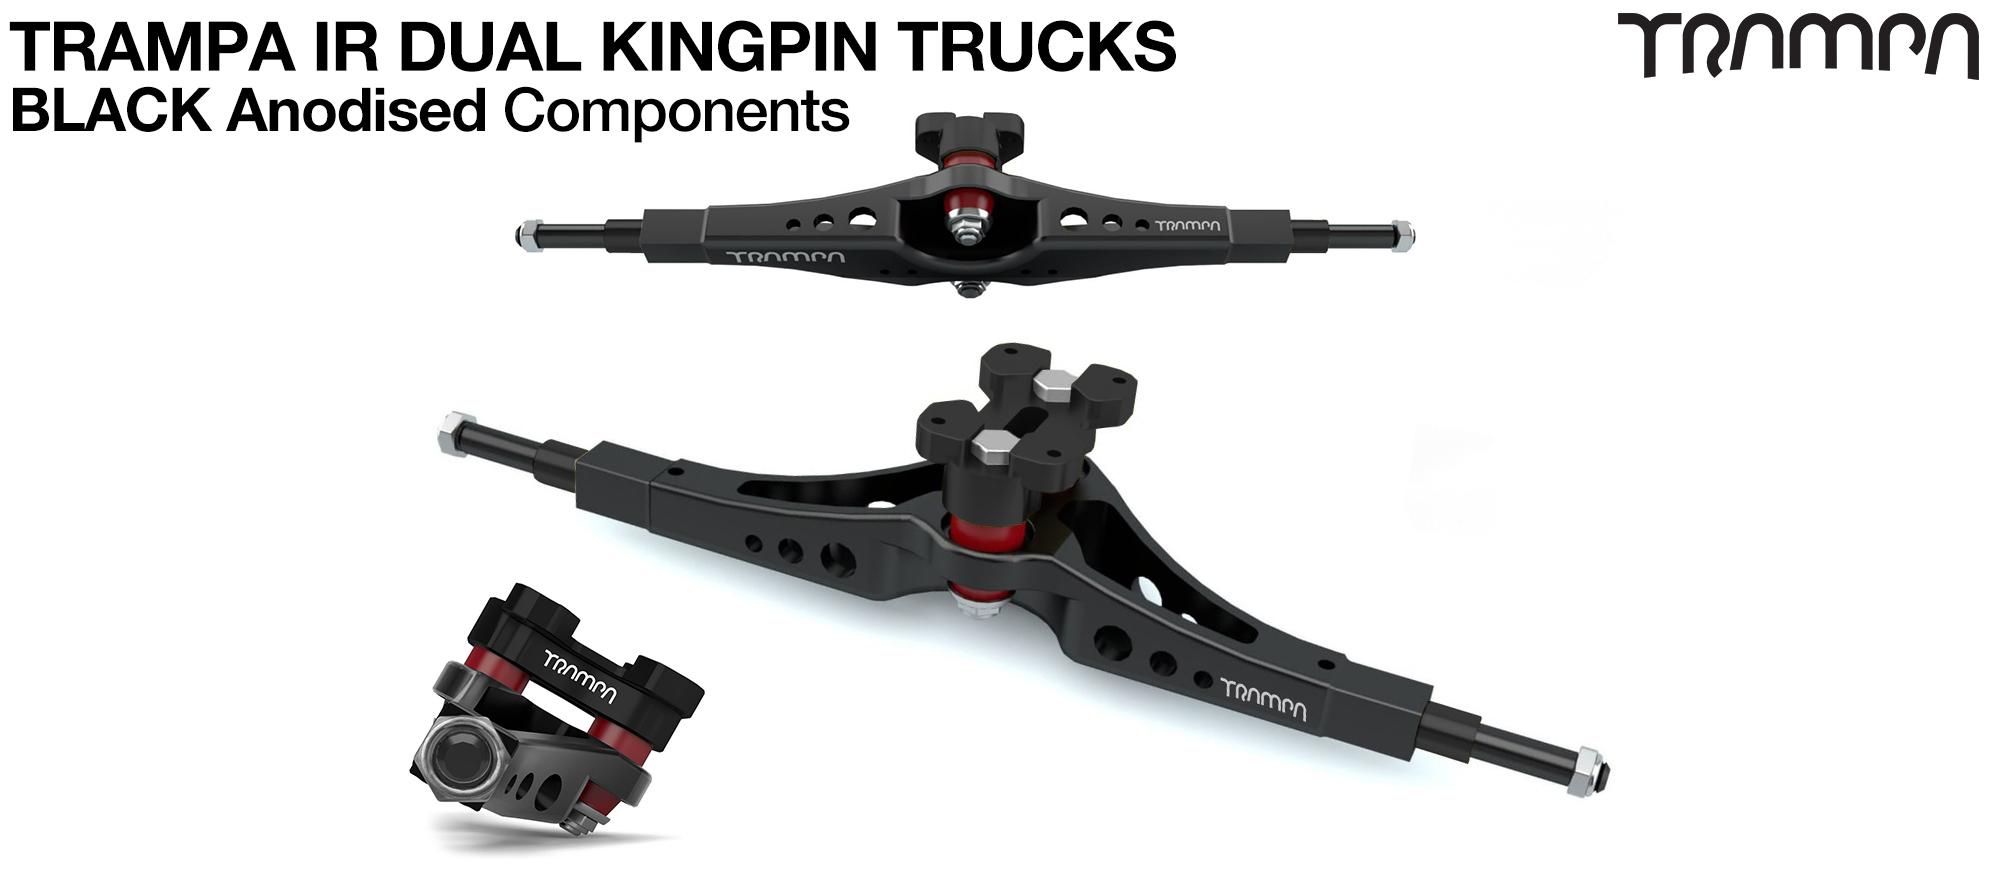 TRAMPA IR Double Kingpinned Skate Style Trucks fit every 19.1mm Motor Mount TRAMPA offers - BLACK